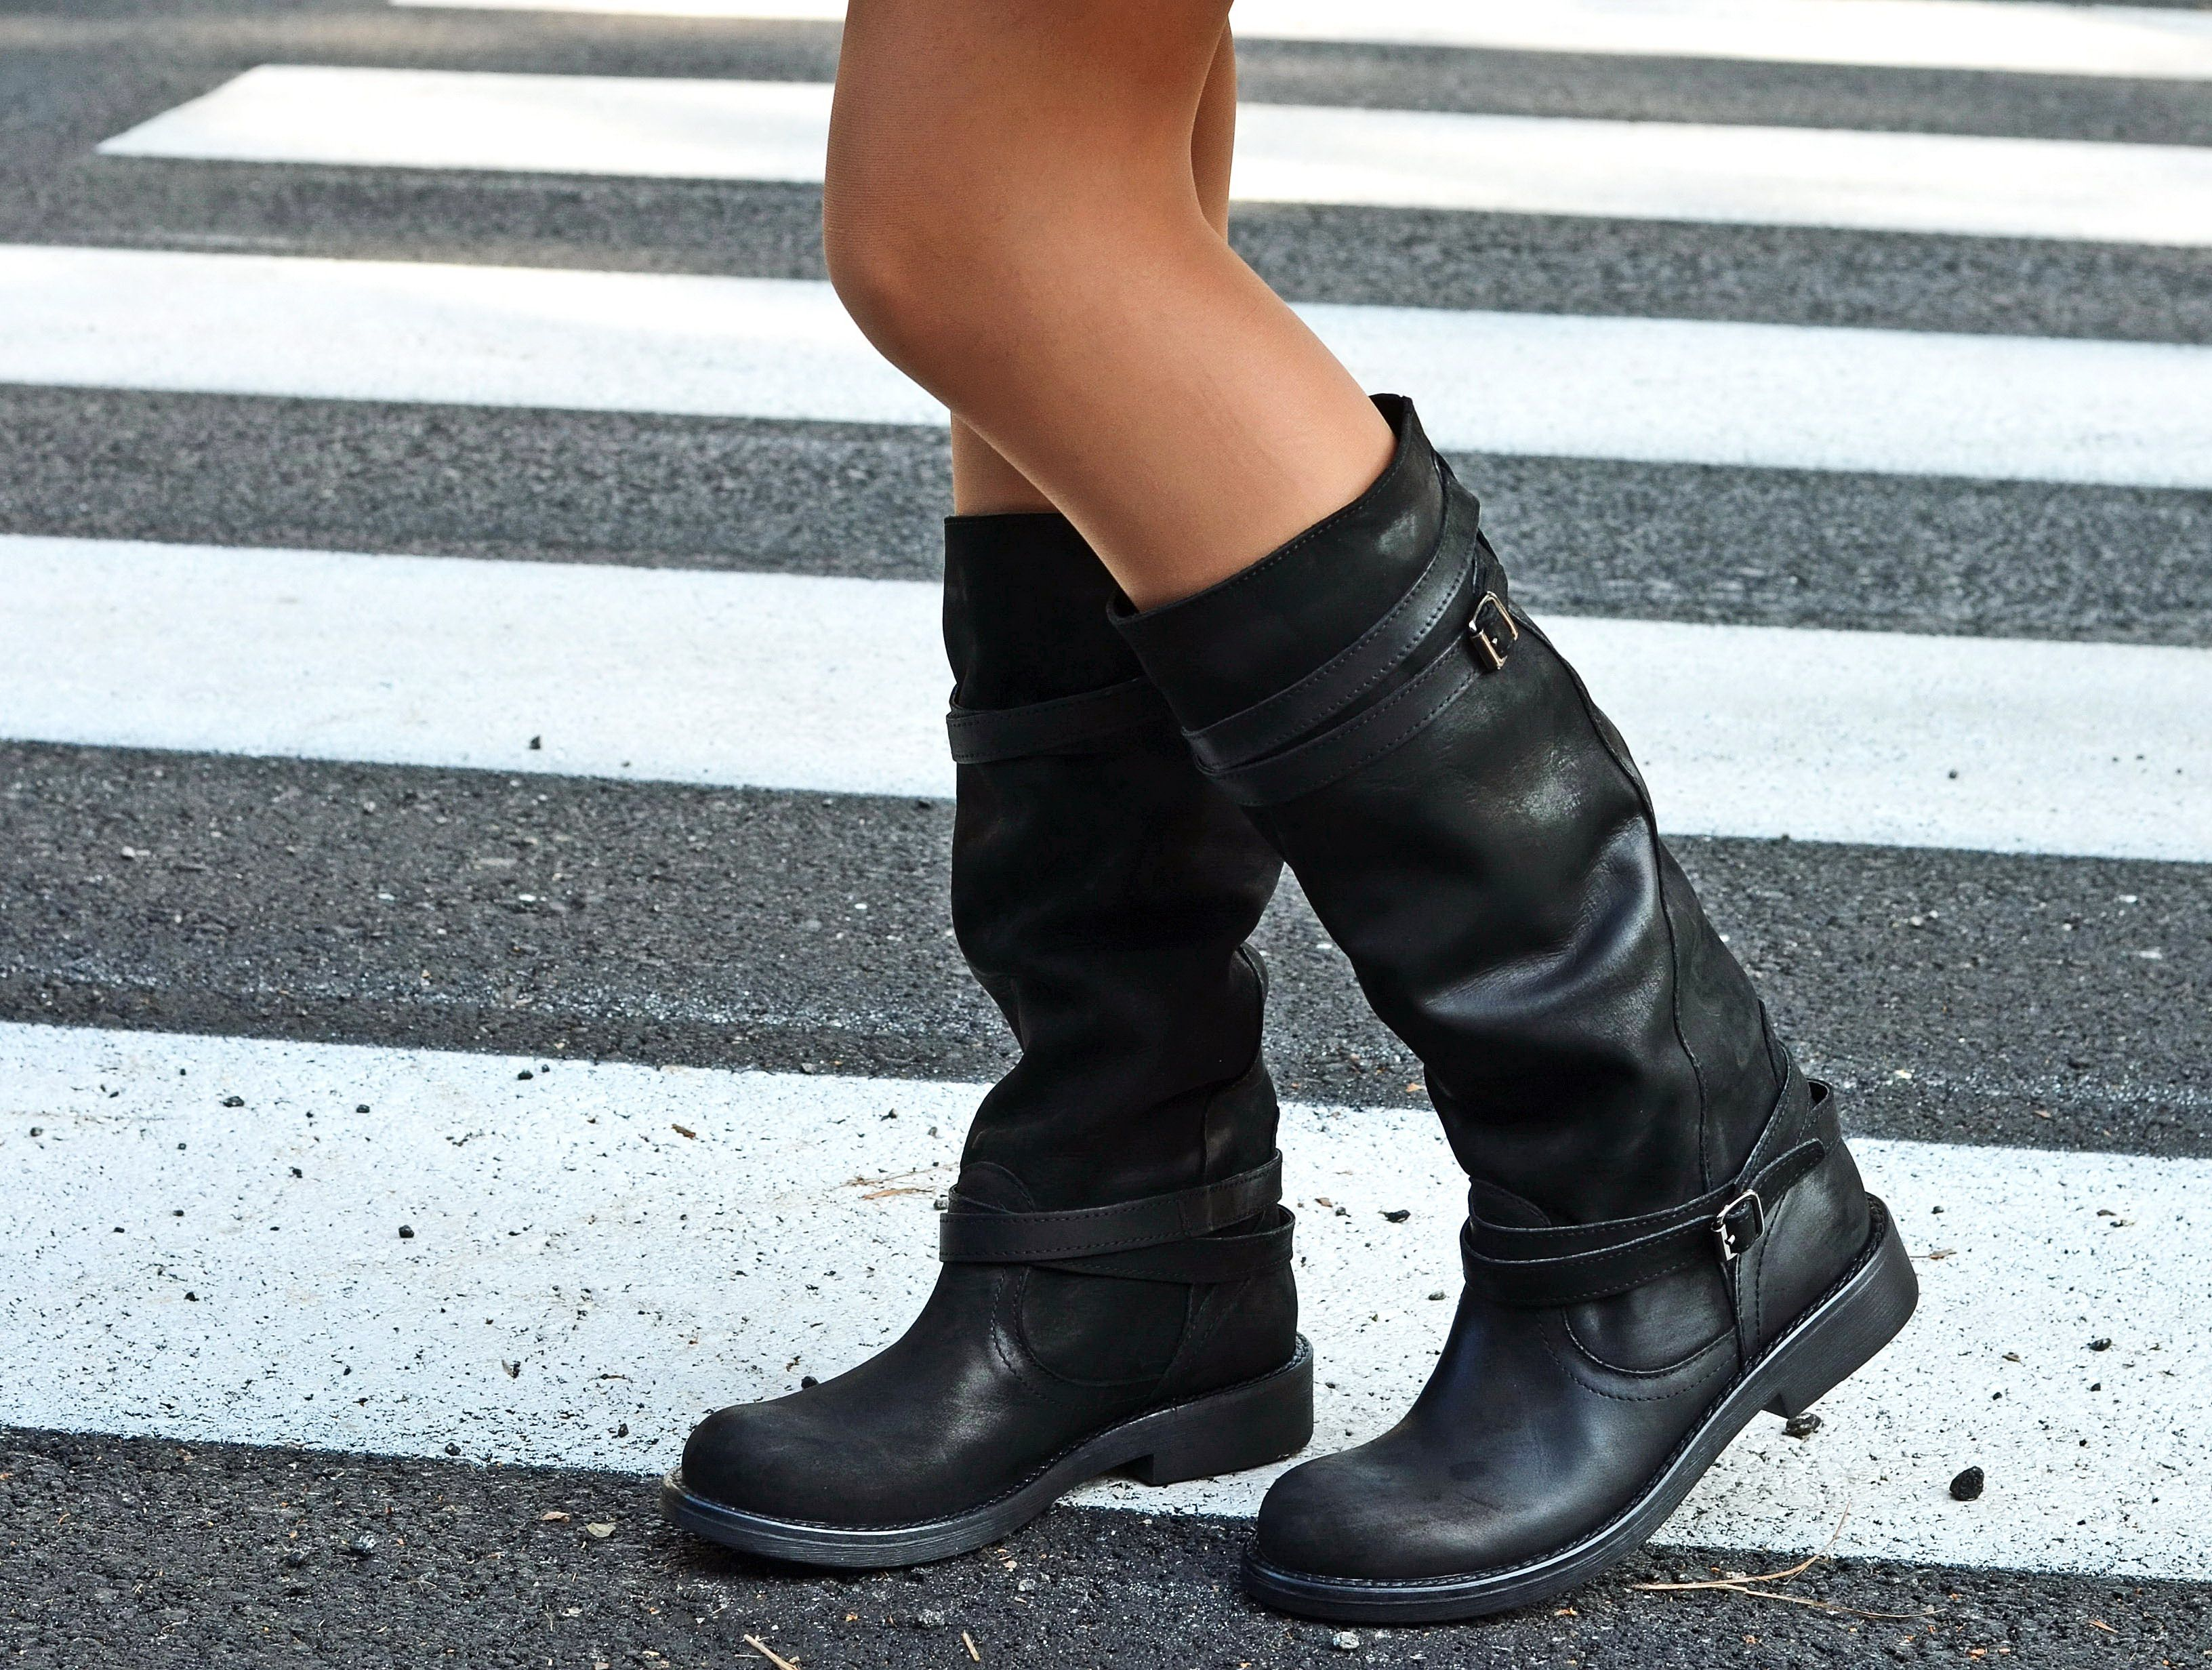 stivali per donne in polpaccio grosso